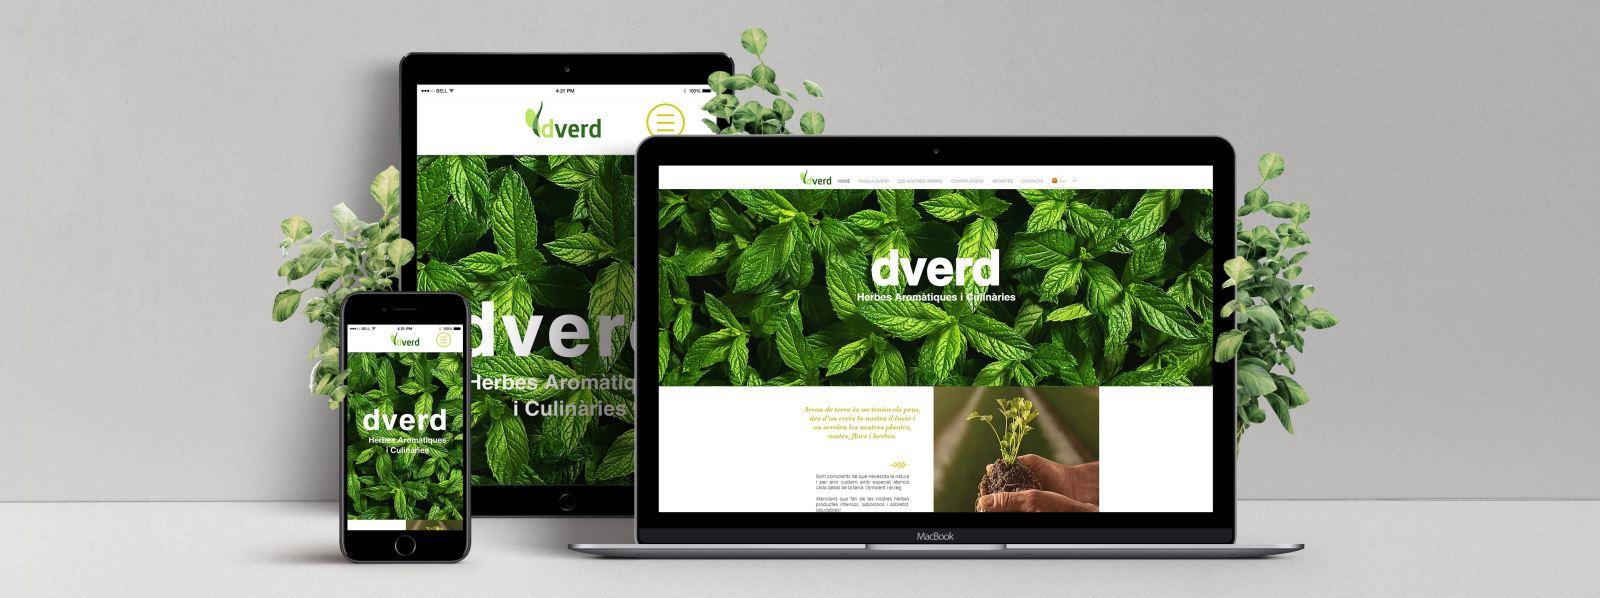 Web Redflavors | Dverd